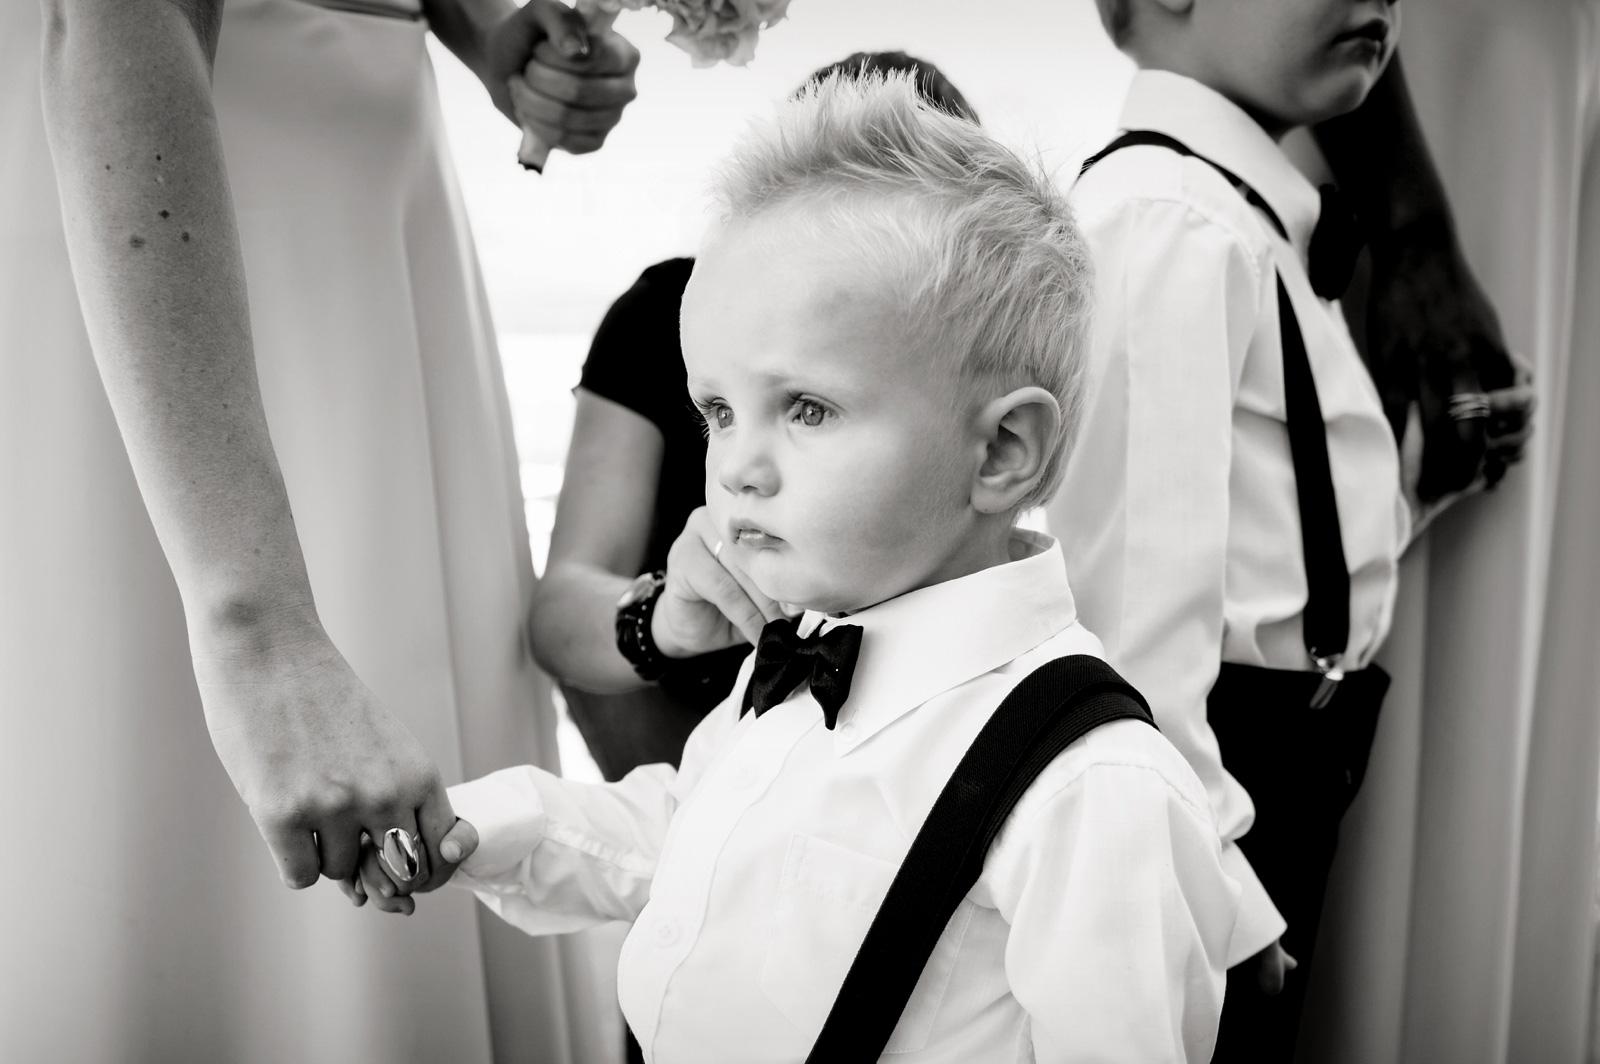 child in tux